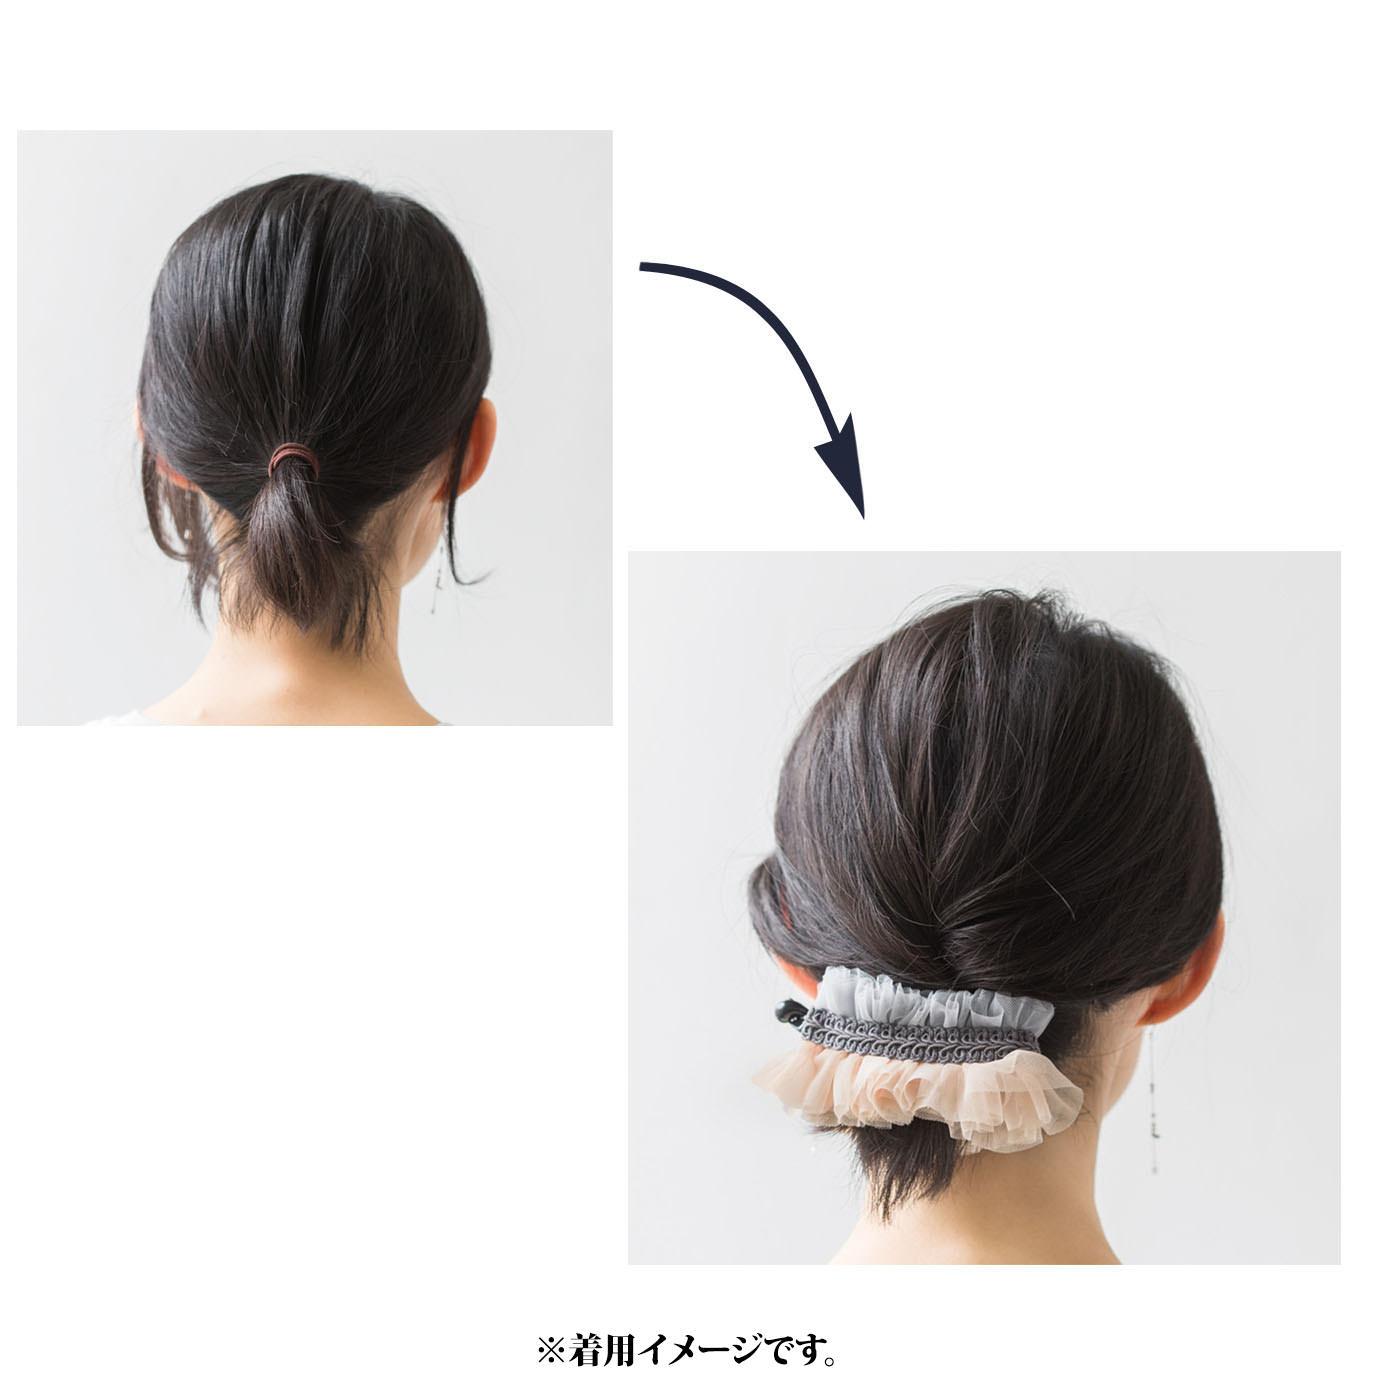 【ゴムだと……】後れ毛が目立つうえにちょこんと出た毛先もイマイチ……。→【バナナクリップなら】幅広でサイドの髪も逃しません。毛先もチュールでふんわりカバー。